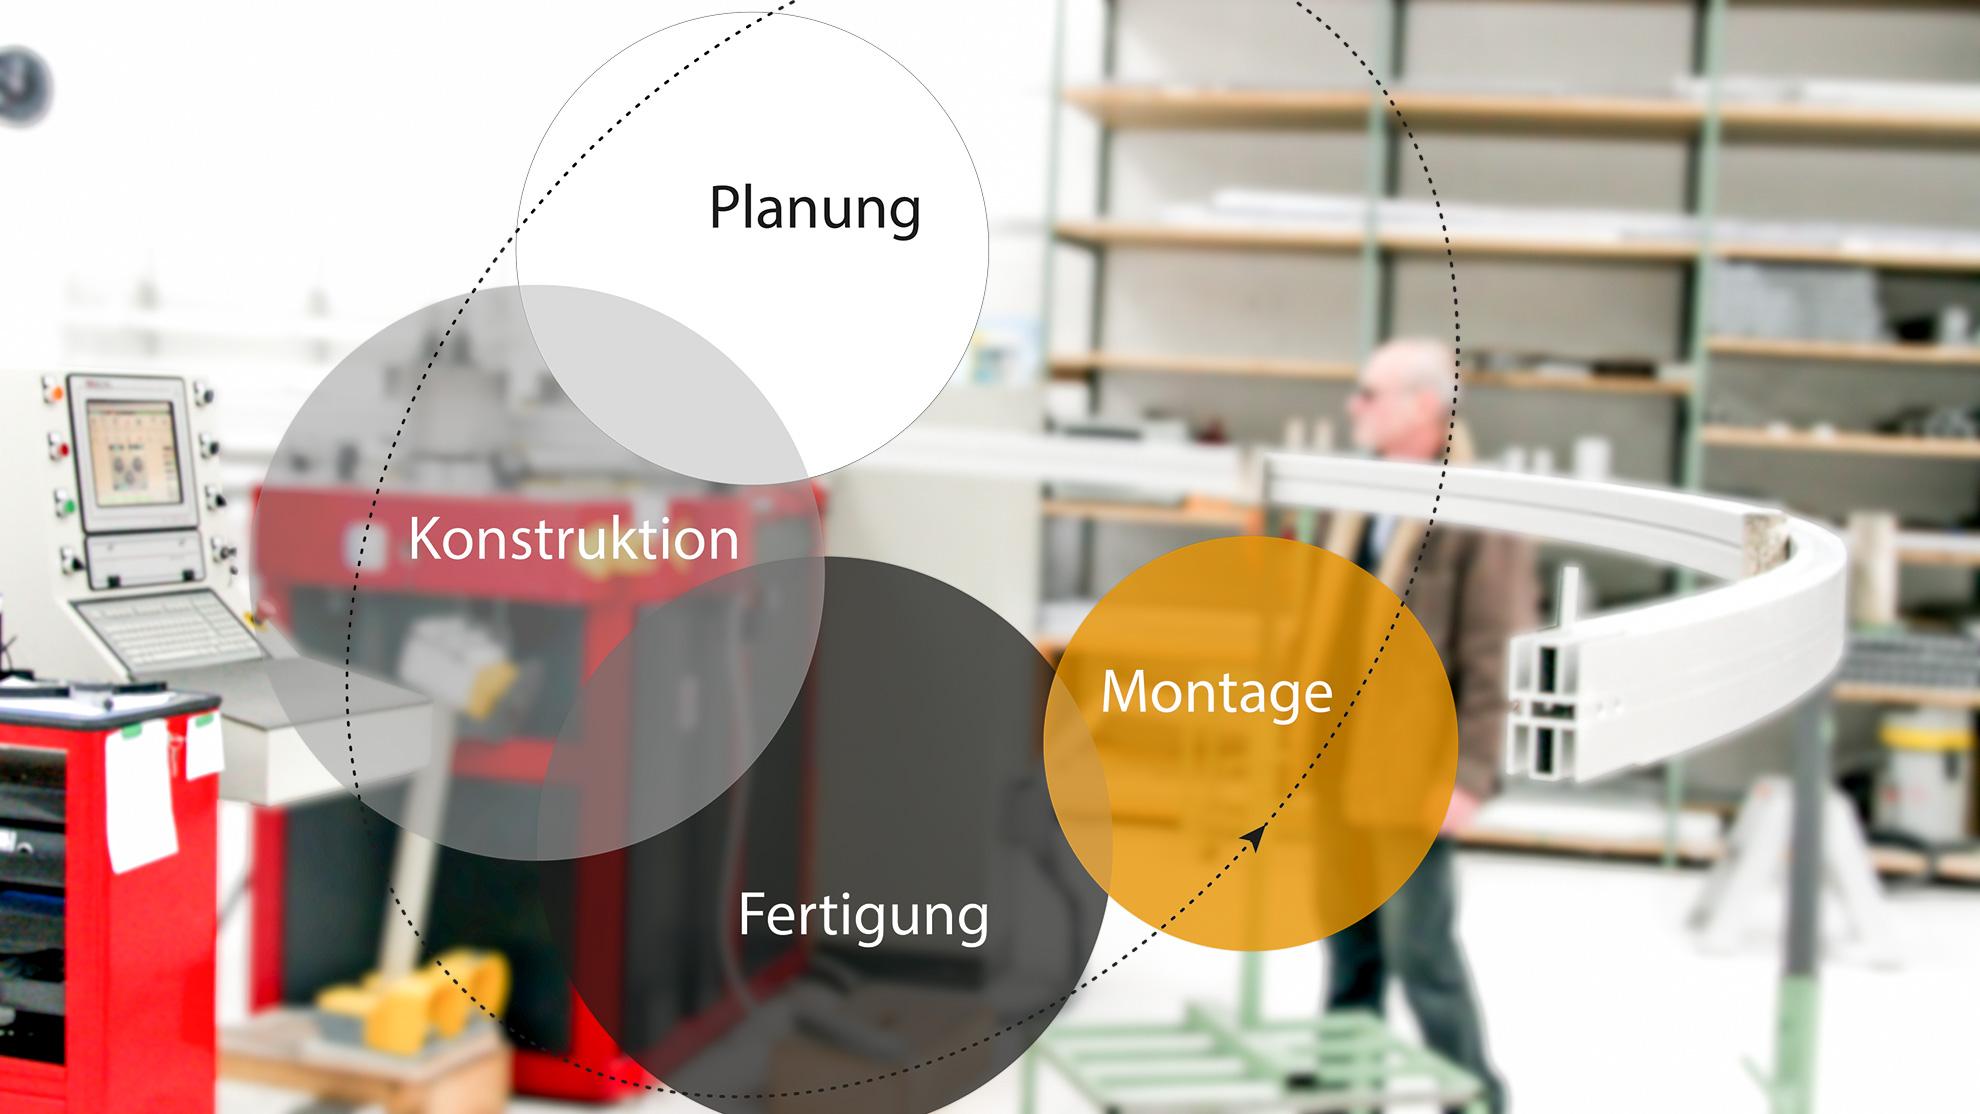 VÖROKA plant, konstruiert, fertigt und montiert Terrassenüberdachungen